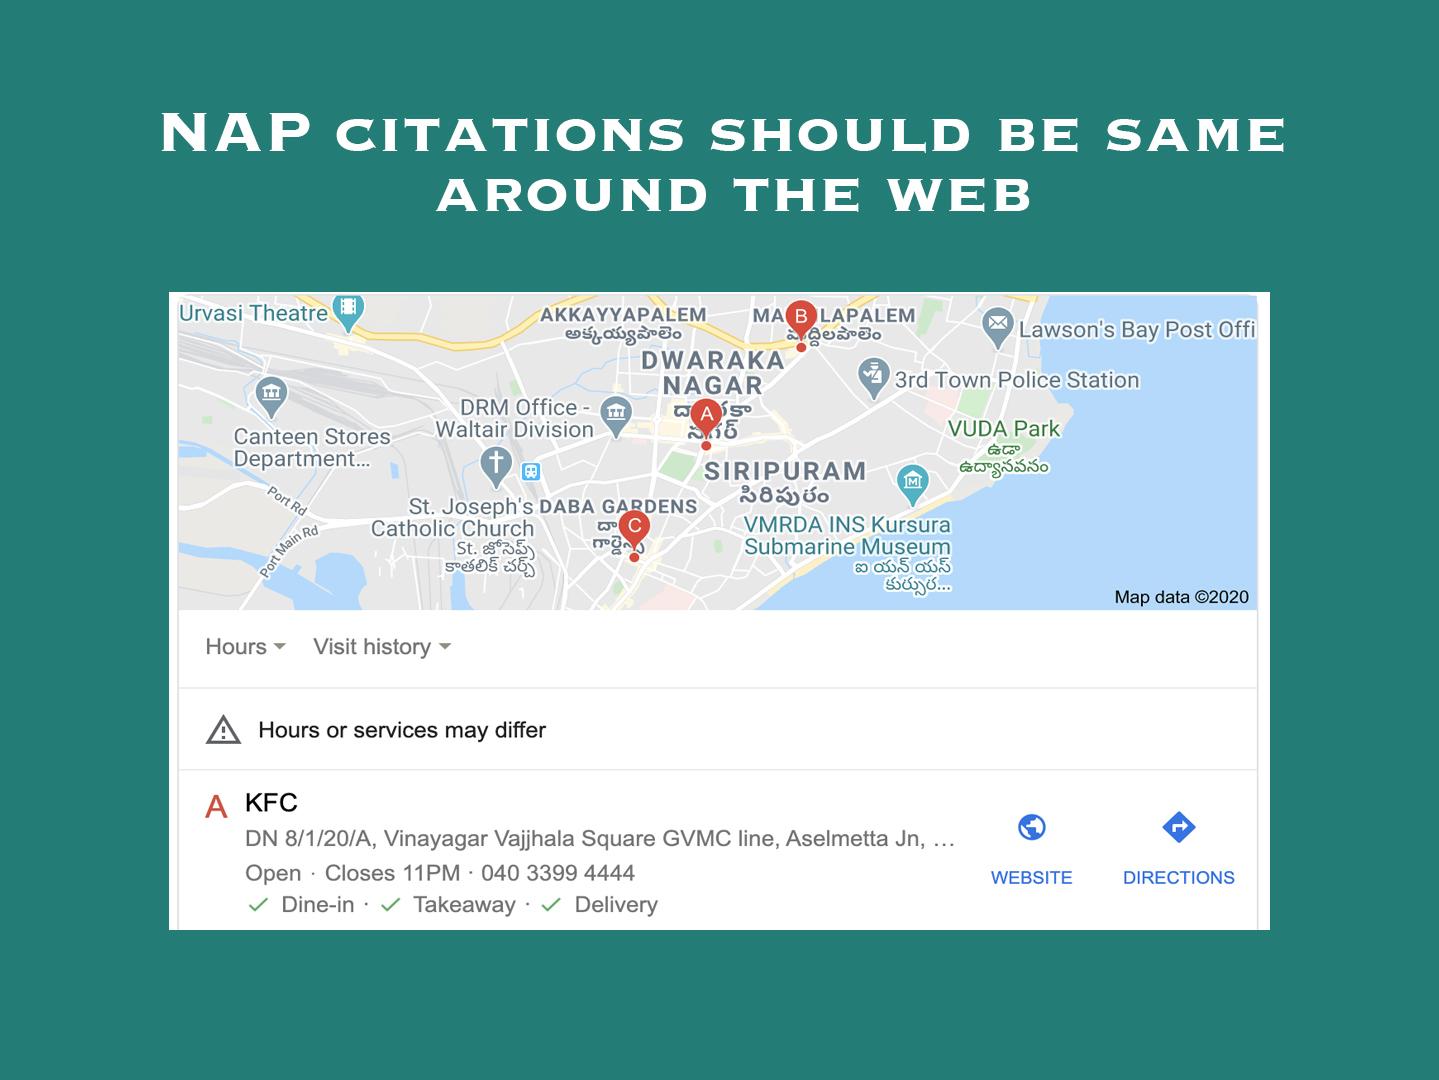 Nap Citations Should be same